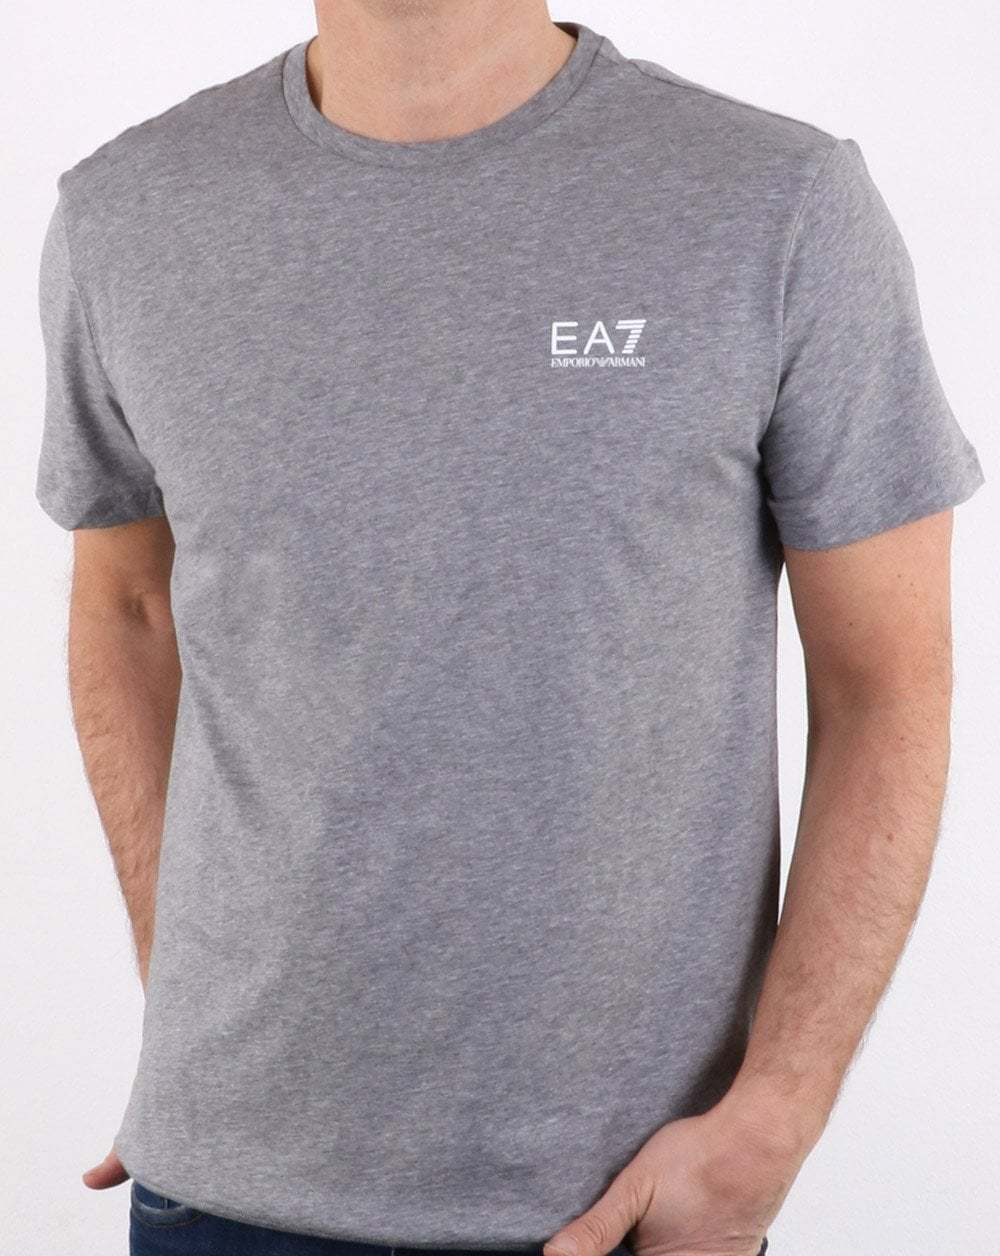 EMPORIO ARMANI EA7 Core Tee in colore grigio-ID manica corta T Shirt Girocollo